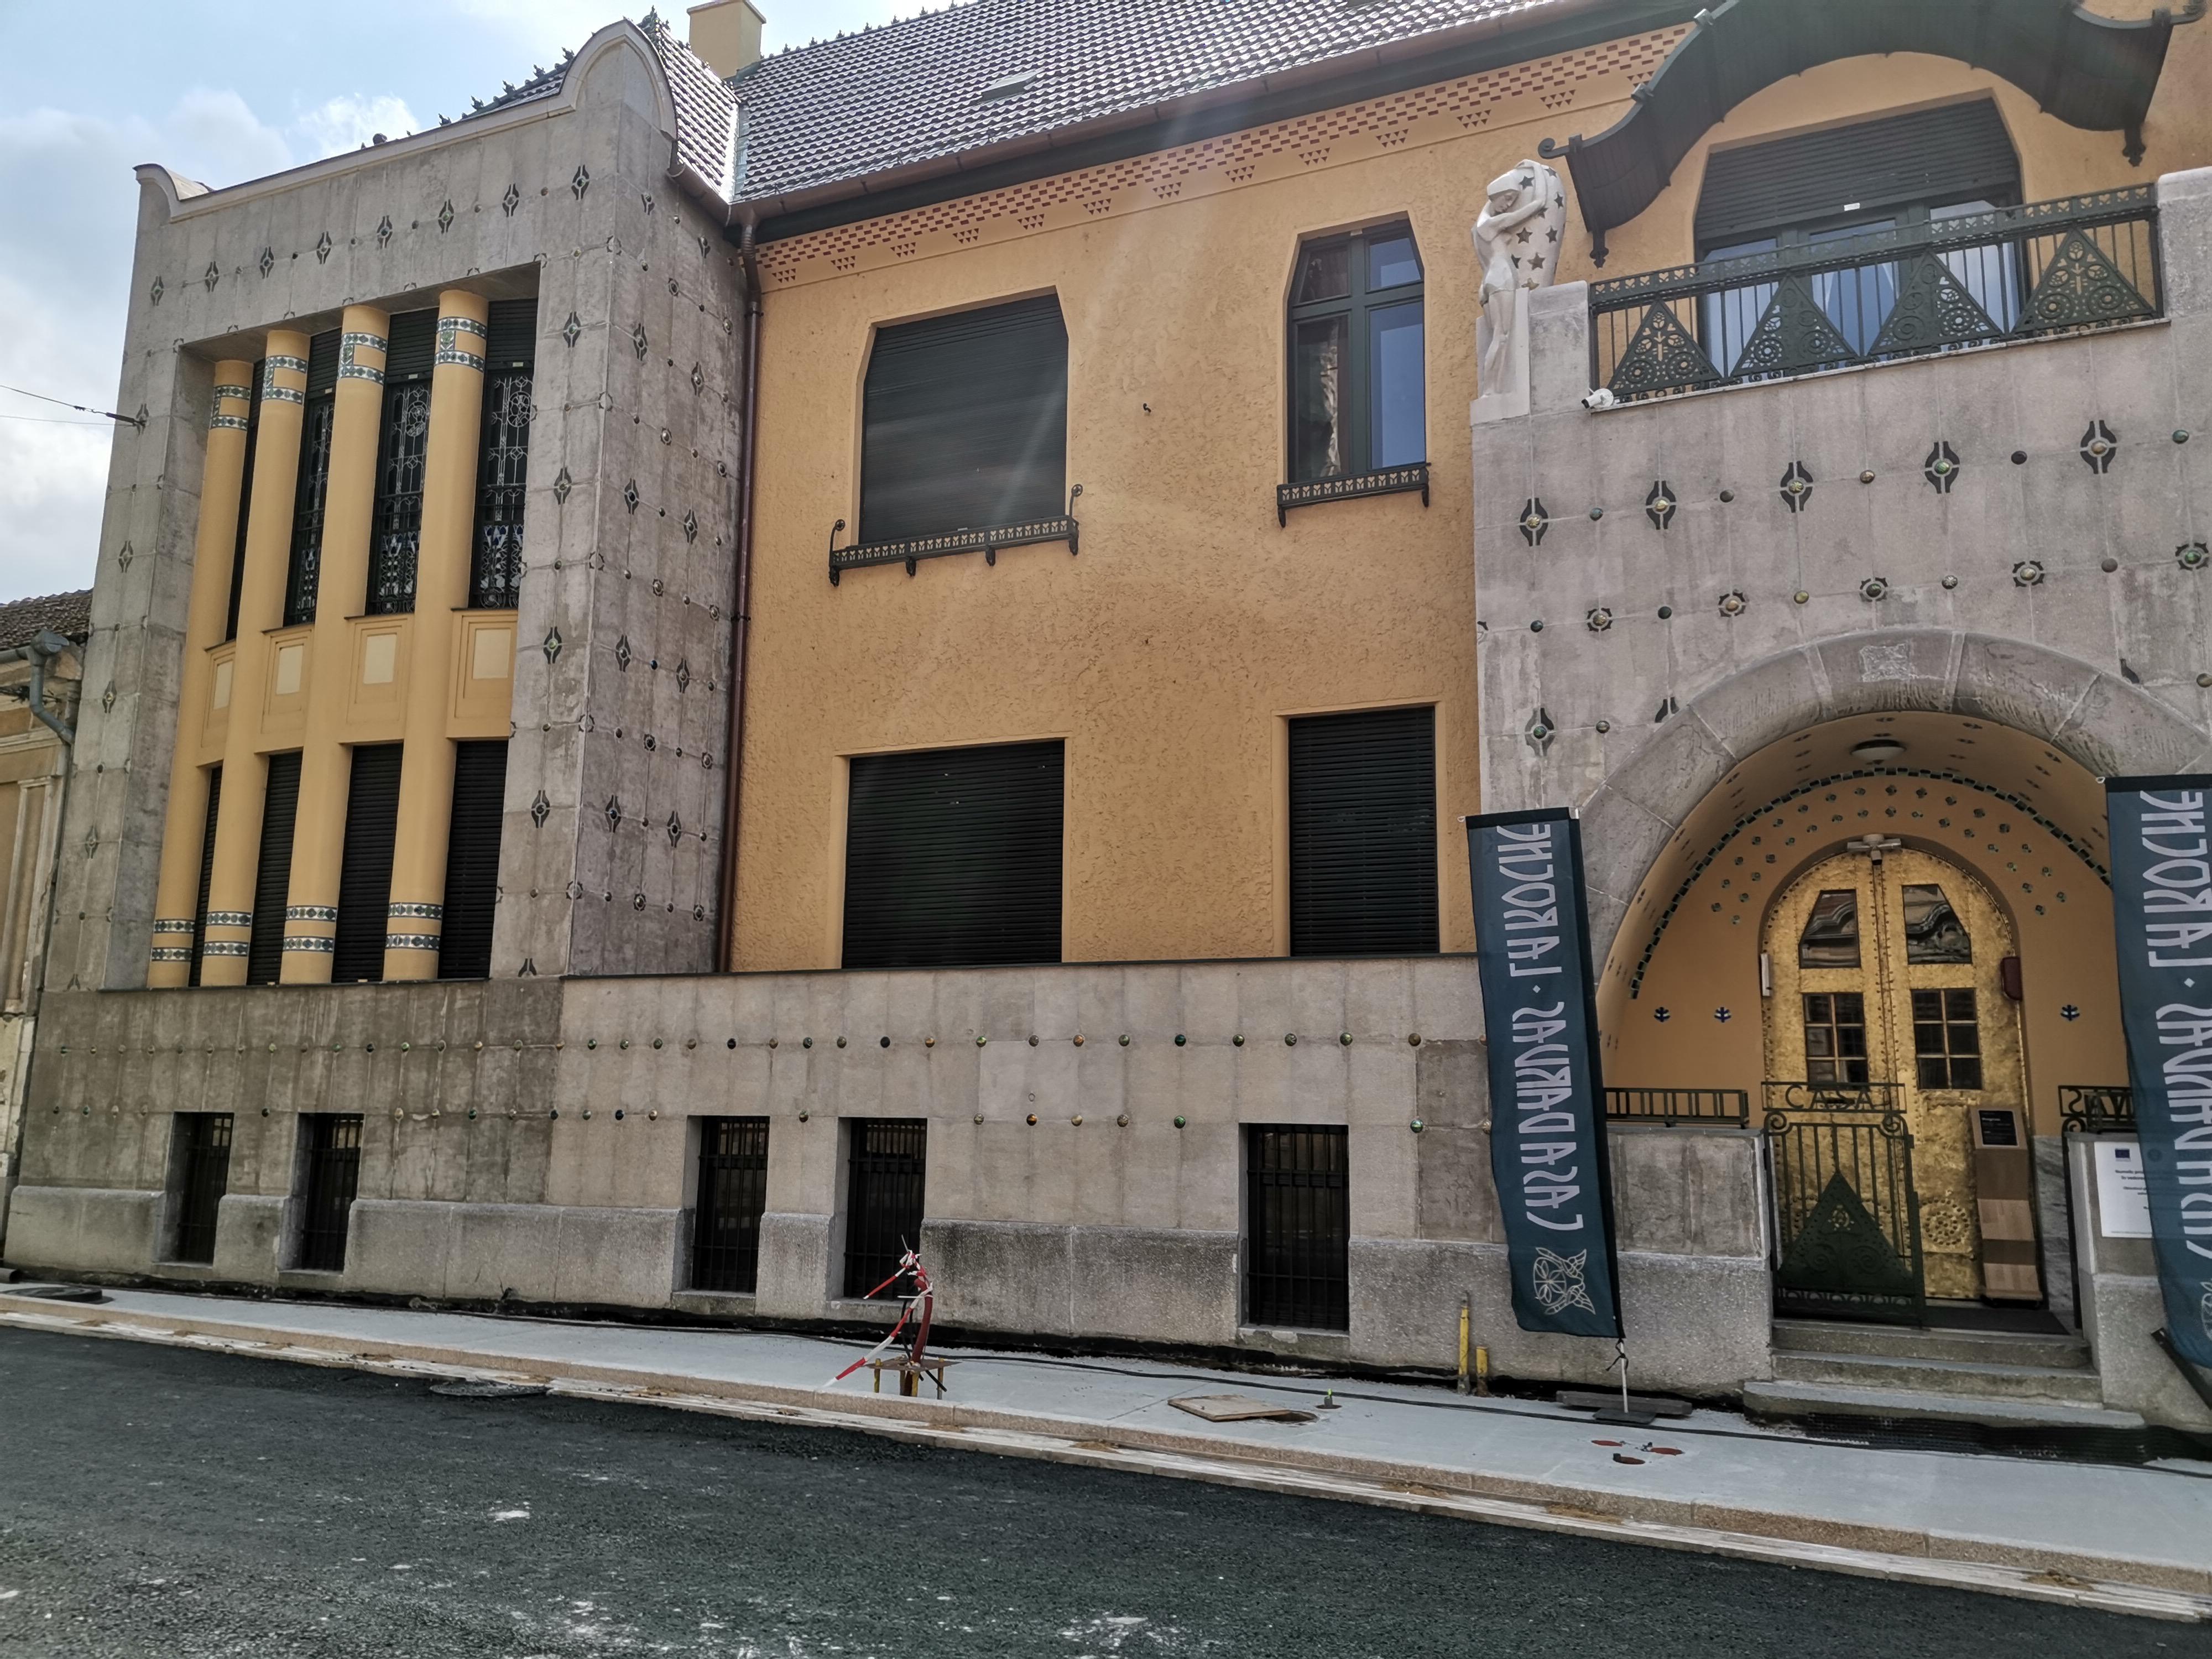 Casa Darvas La Roche Oradea - Primul Muzeu Art Nouveau din Romania